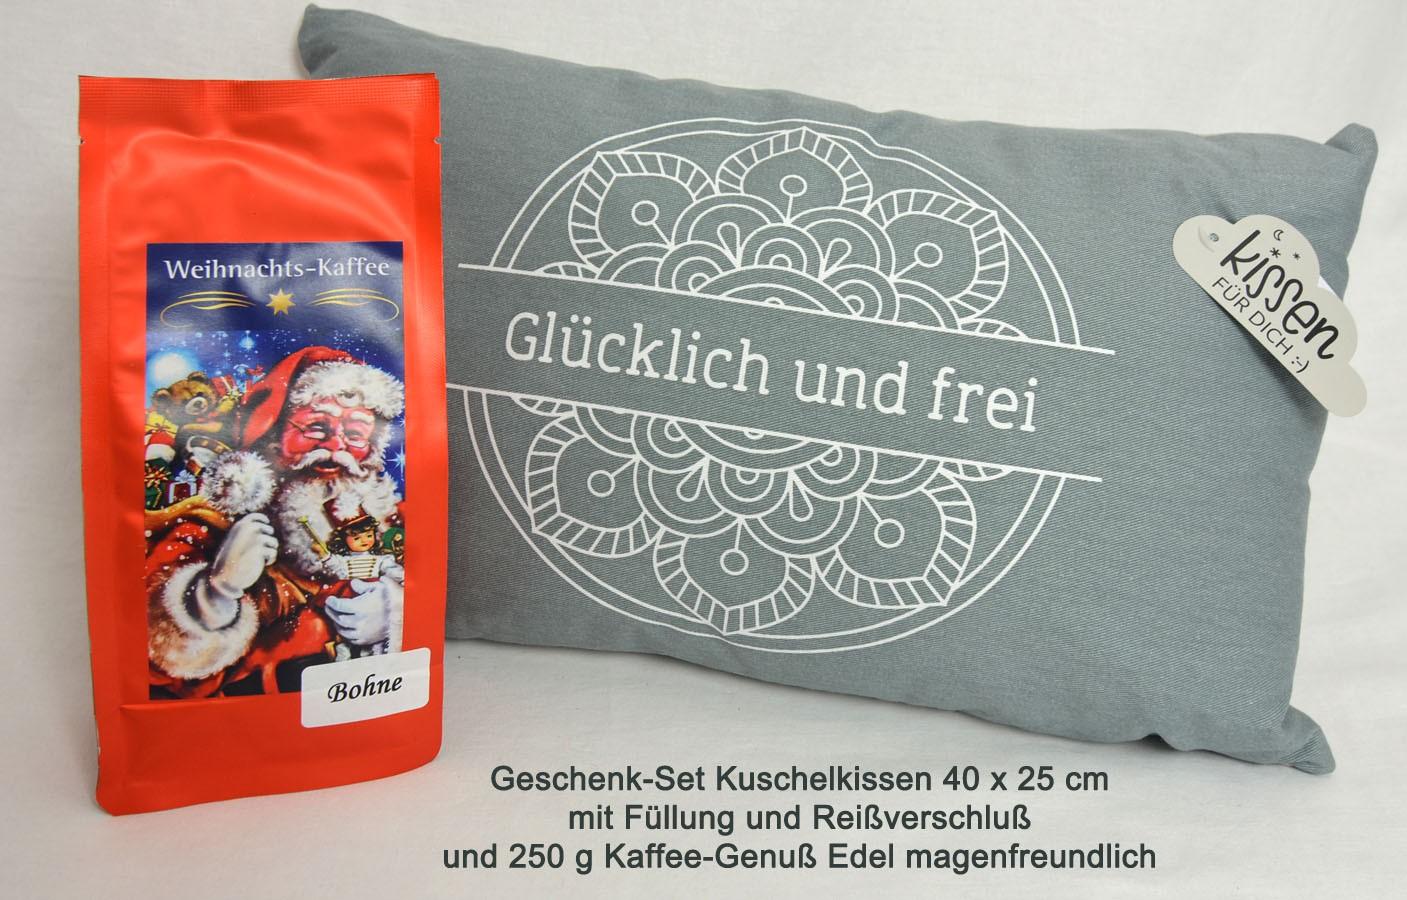 Geschenk-Set Kuschelkissen mit 250 g Kaffee-Genuß Bohne